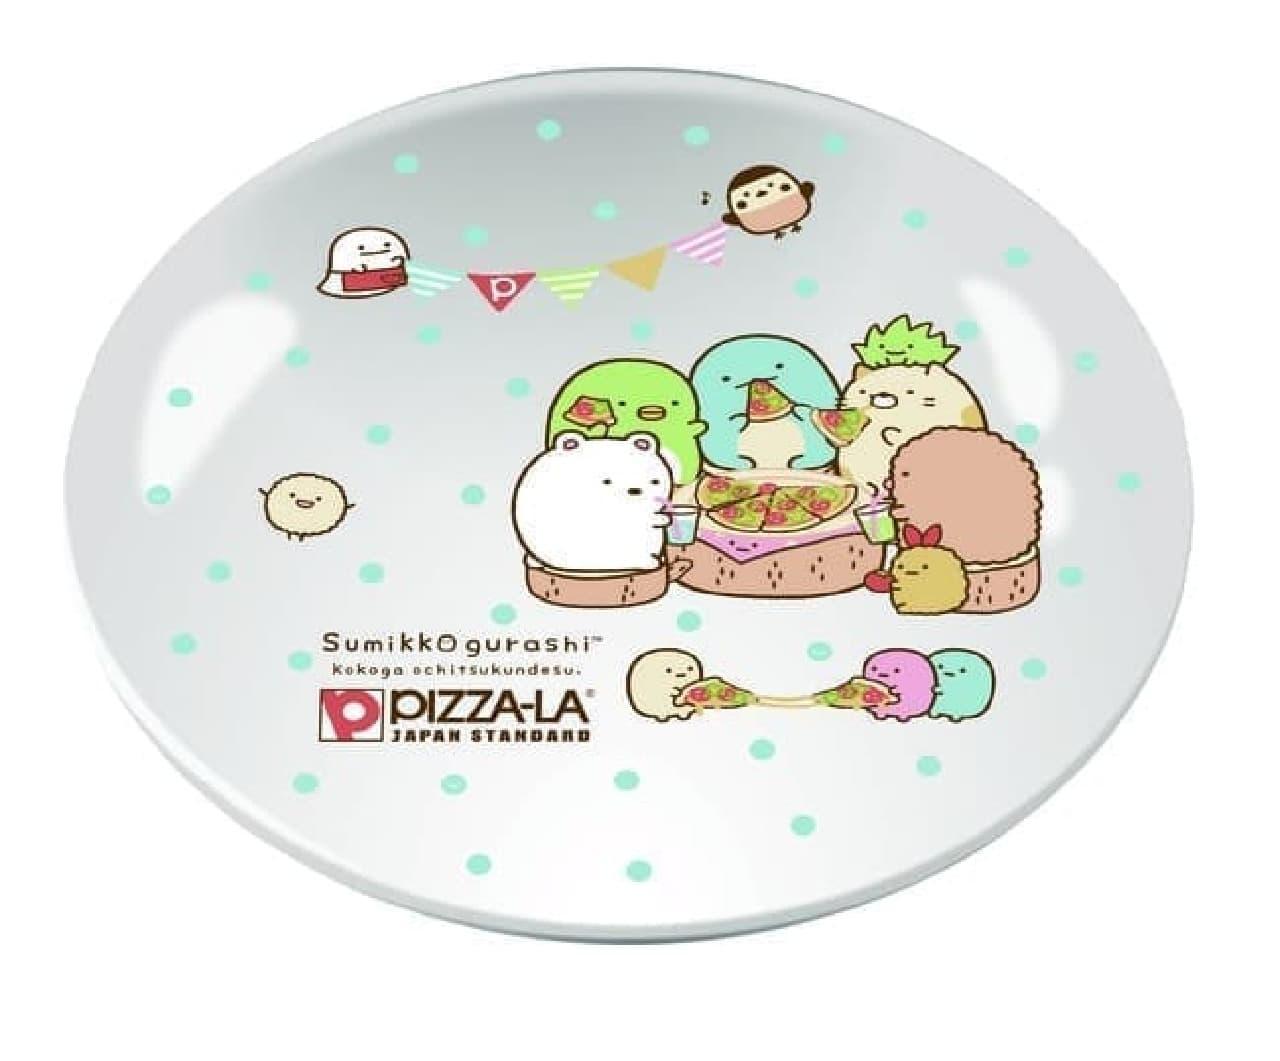 数量限定「すみっコぐらし スペシャルパック」がピザーラから -- プラス200円でオリジナルの皿とシールがもらえる